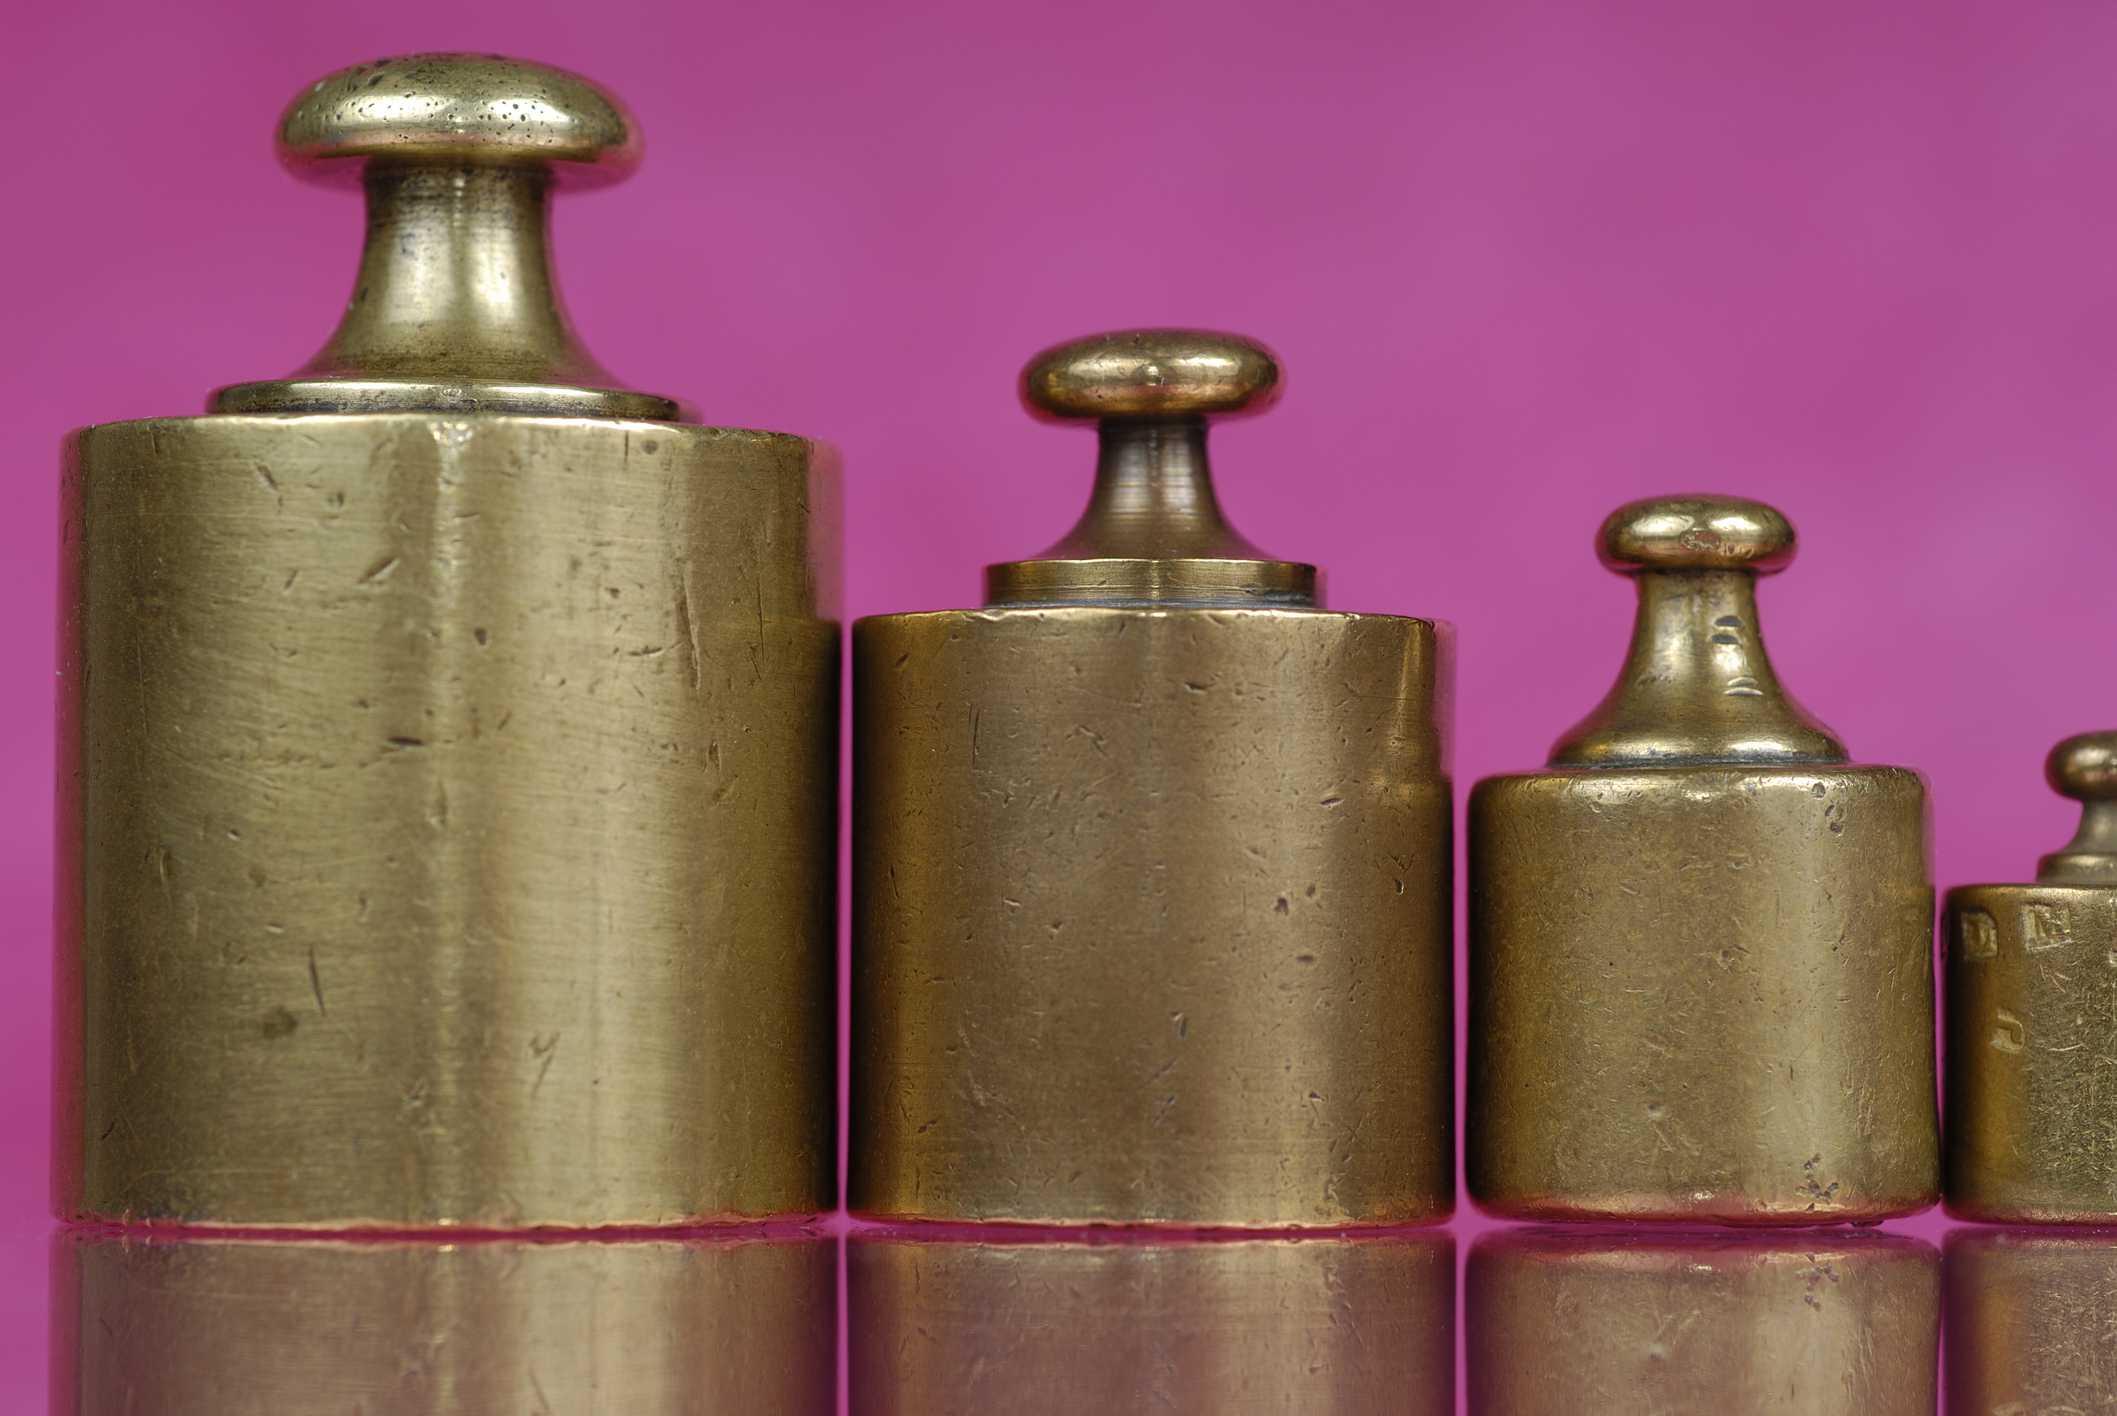 Un juego de pesas de cobre